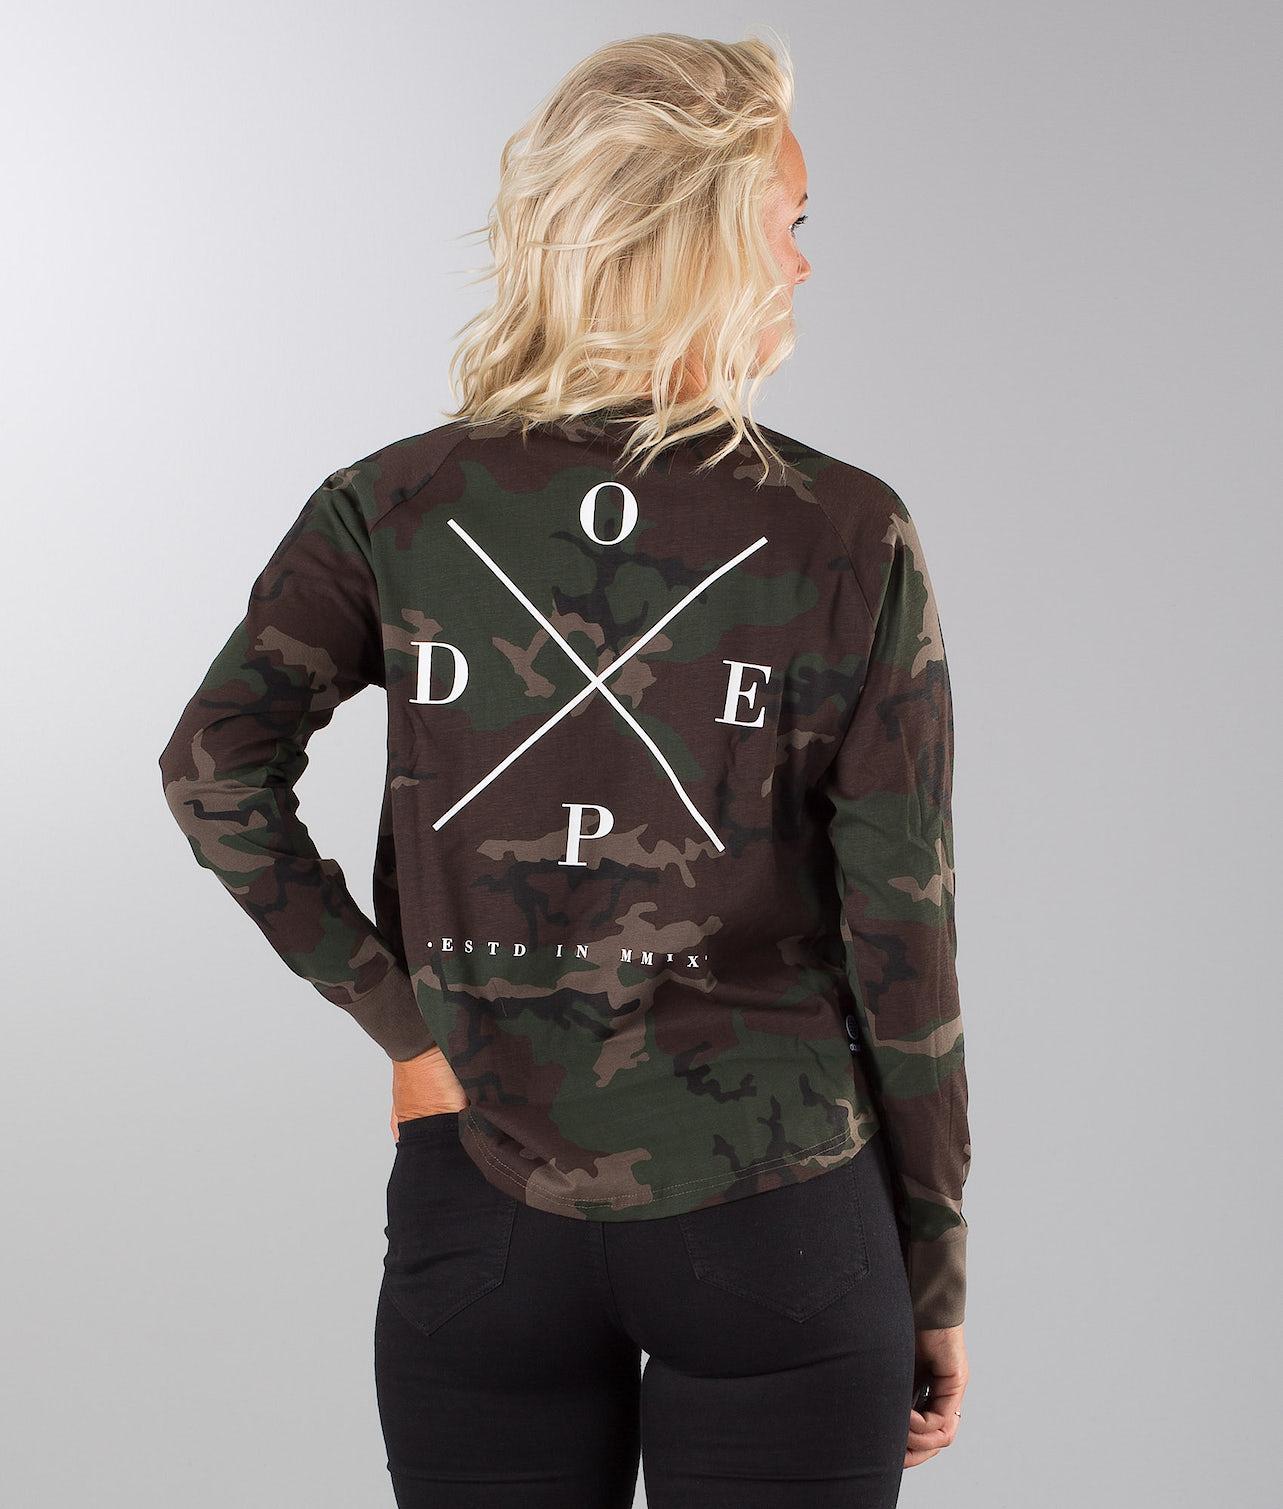 Köp 2X-up Copain Longsleeve från Dope på Ridestore.se Hos oss har du alltid fri frakt, fri retur och 30 dagar öppet köp!